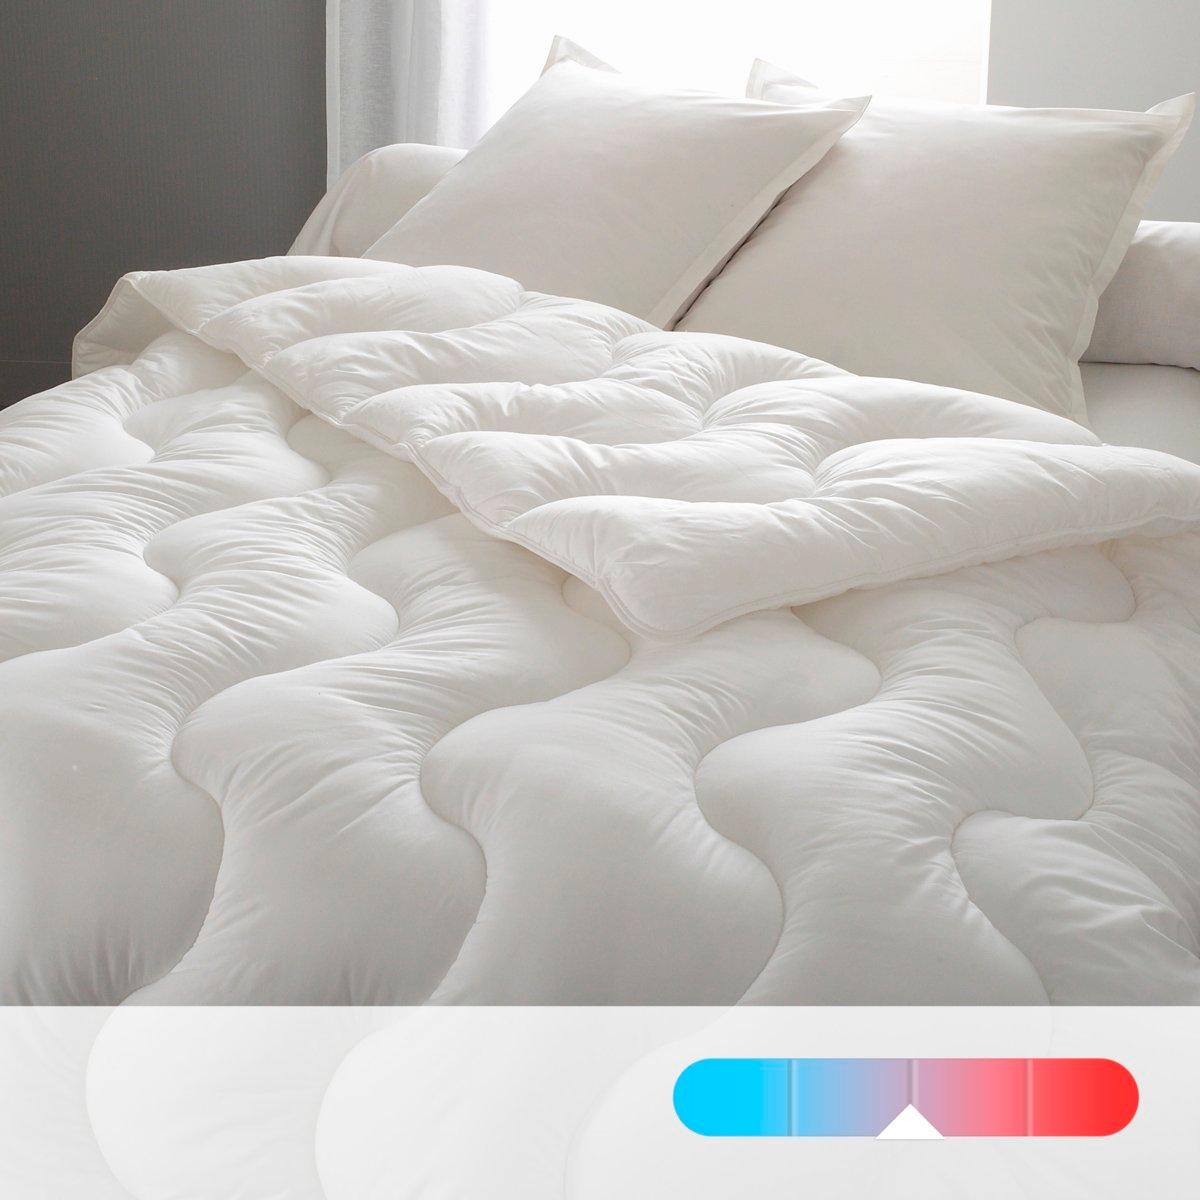 Одеяло синтетическое с чехлом из натурального материала, высокое качество